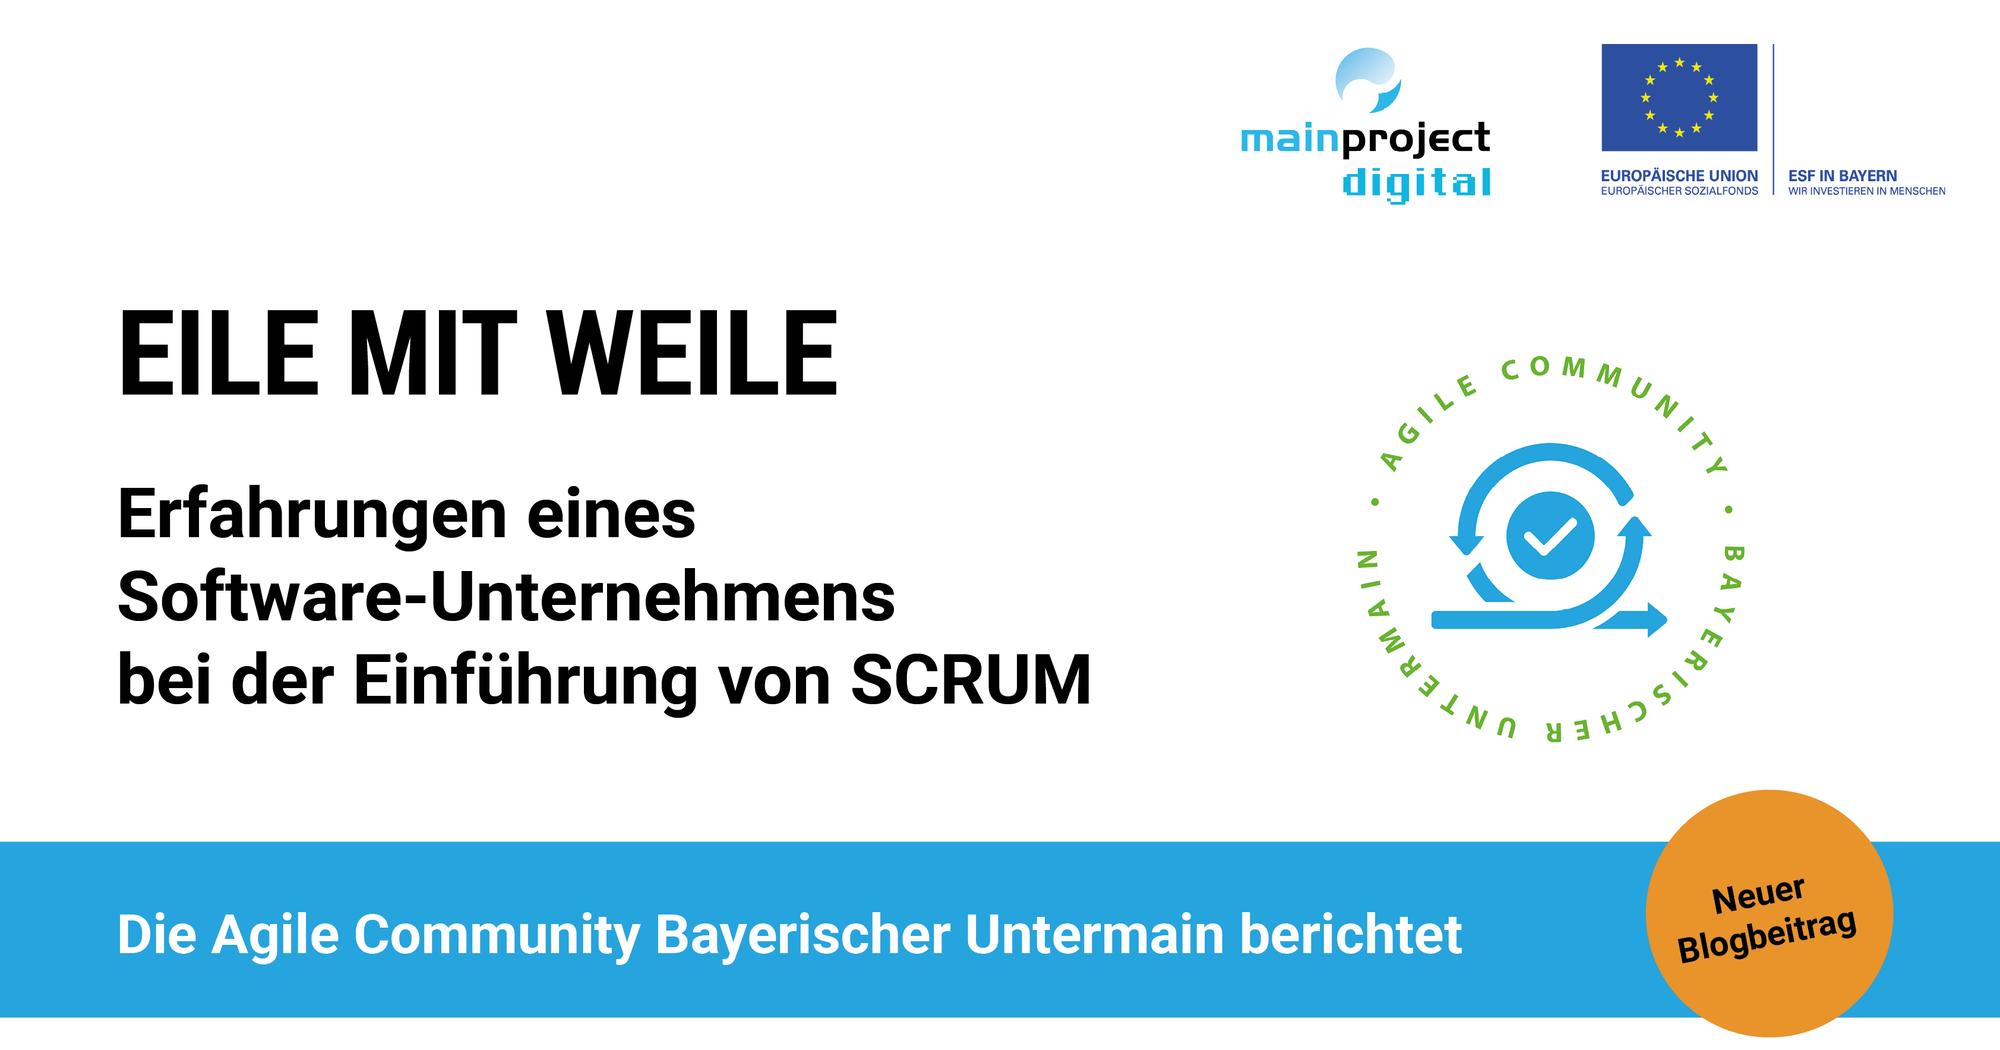 Eile mit Weile: Erfahrungen eines Software-Unternehmens bei der Einführung von SCRUM